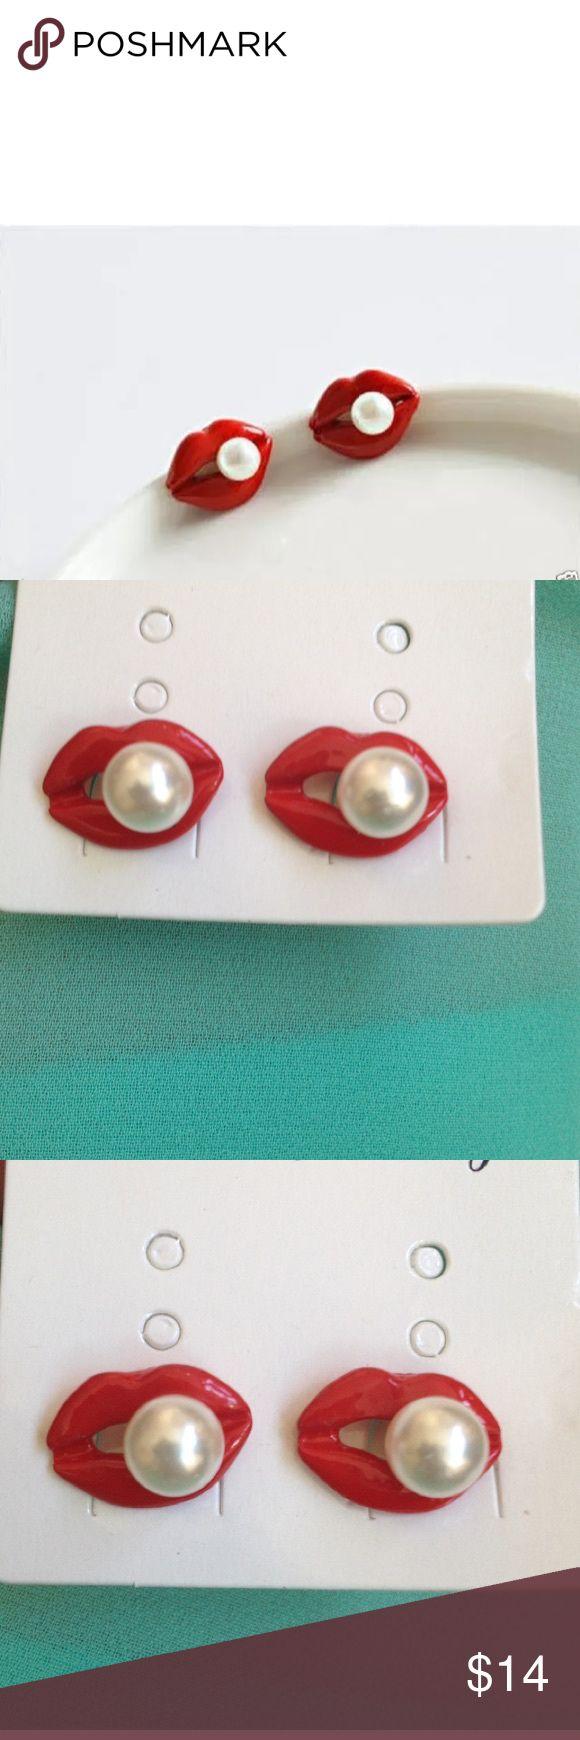 🌺 Lip Stud Earrings NWOT red lips stud earrings. Jewelry Earrings